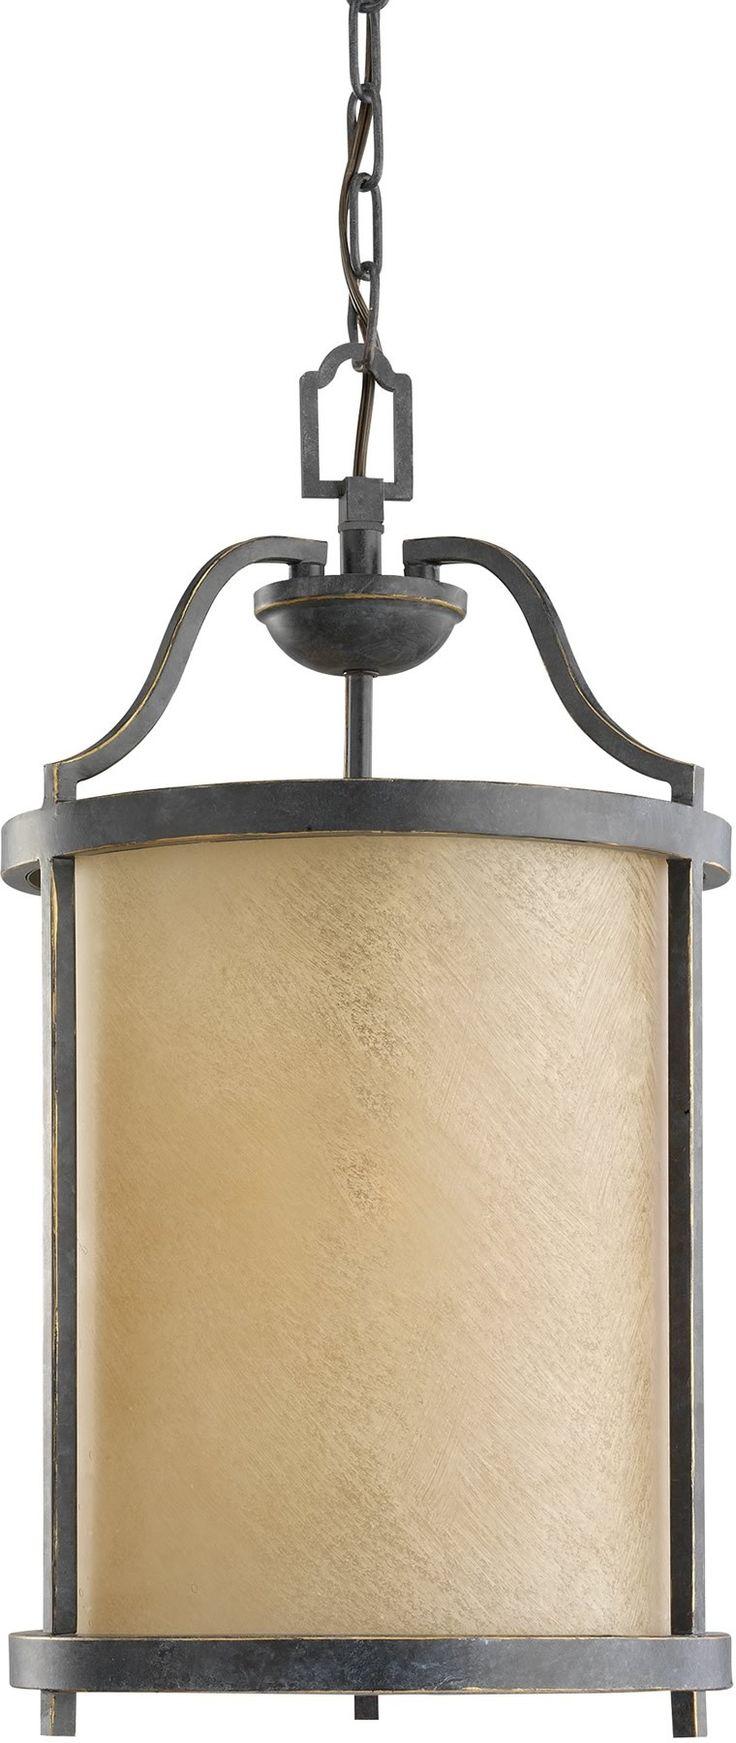 0-023240>Roslyn 1-Light Energy Star Hall Foyer Pendant Flemish Bronze